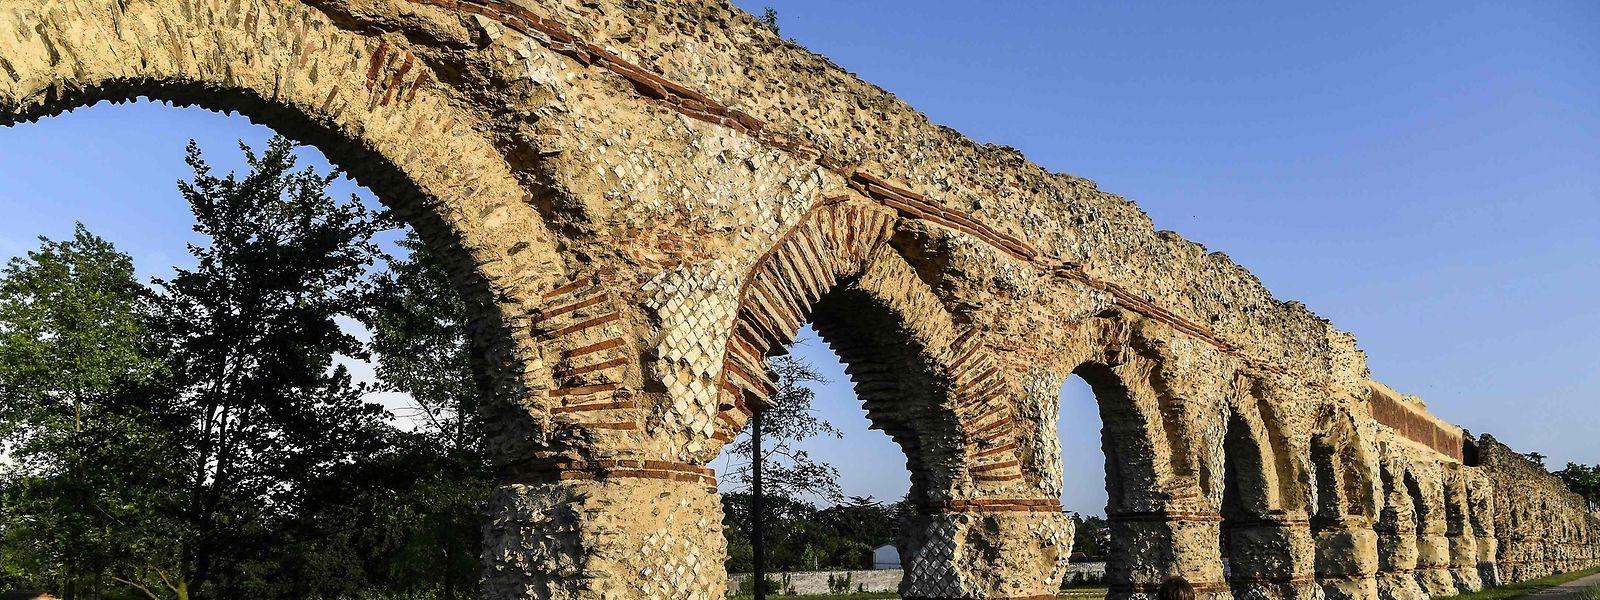 Das römische Aquädukt von Gier in der Nähe von Lyon ist eines der 18 Projekte, die über die Einnahmen einer Lotterie in Frankreich vor dem Zerfall geschützt werden sollen.